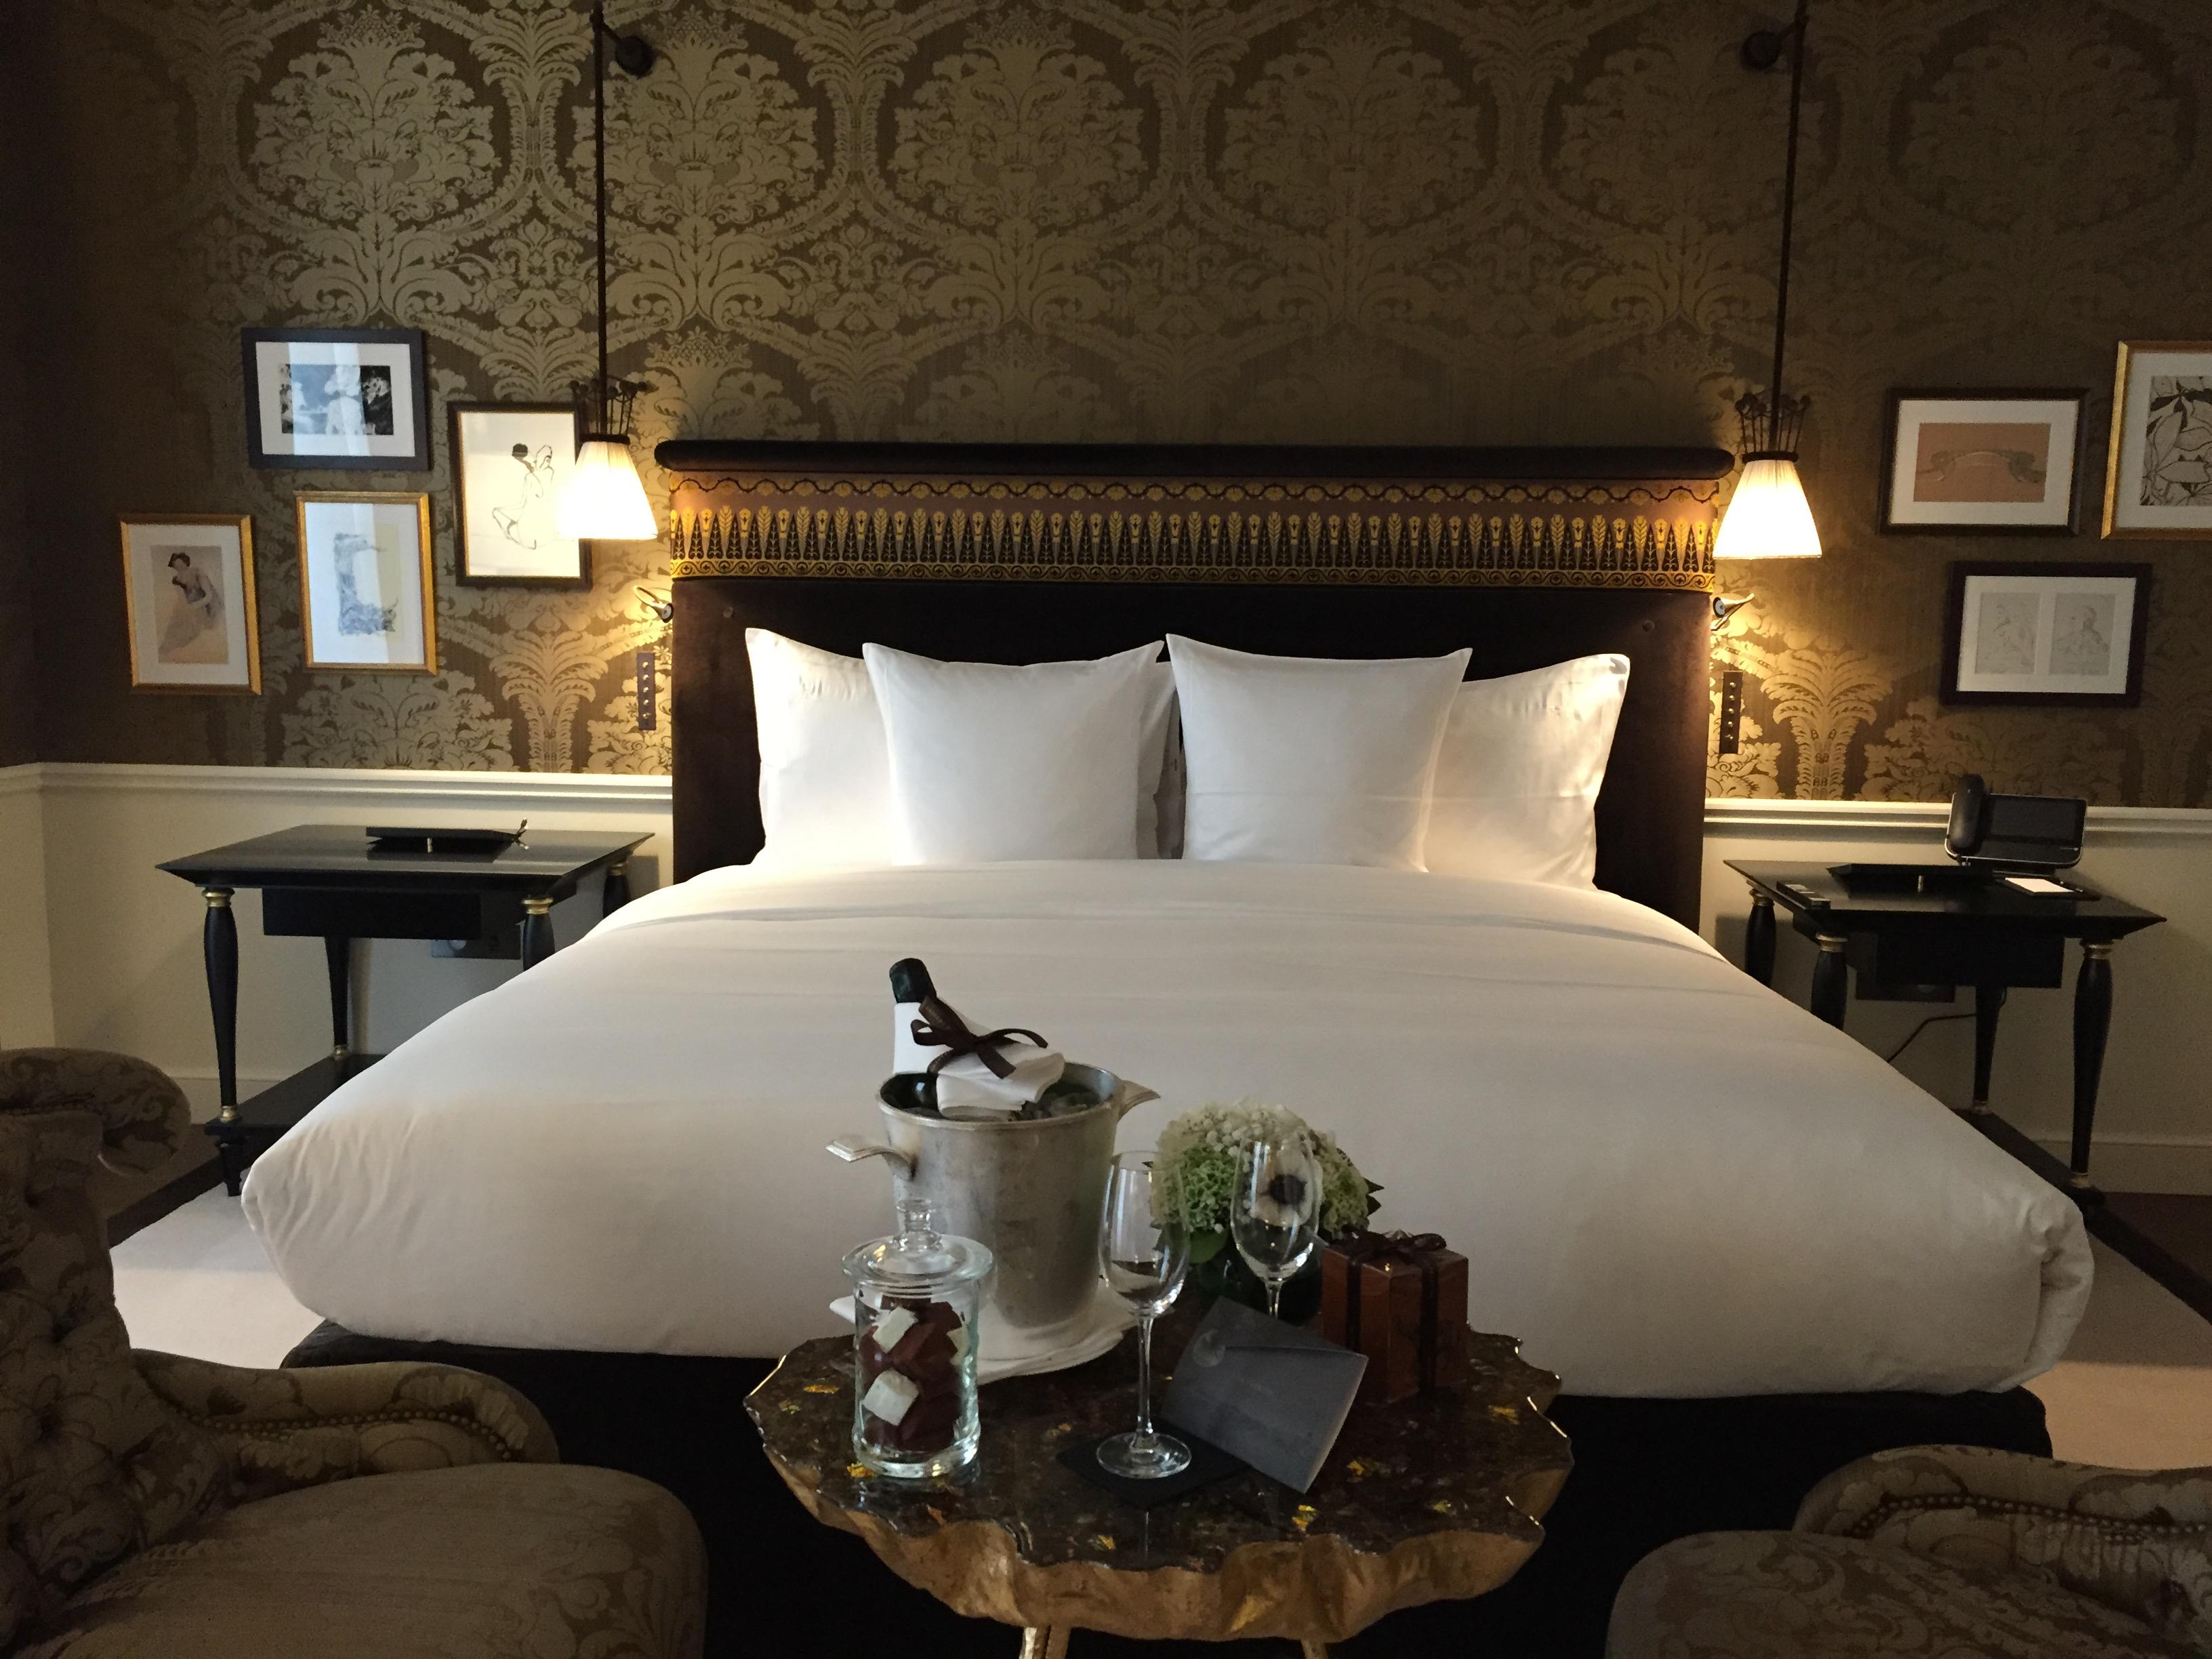 L 39 h tel la r serve paris fancyoli - Chambre luxe paris ...